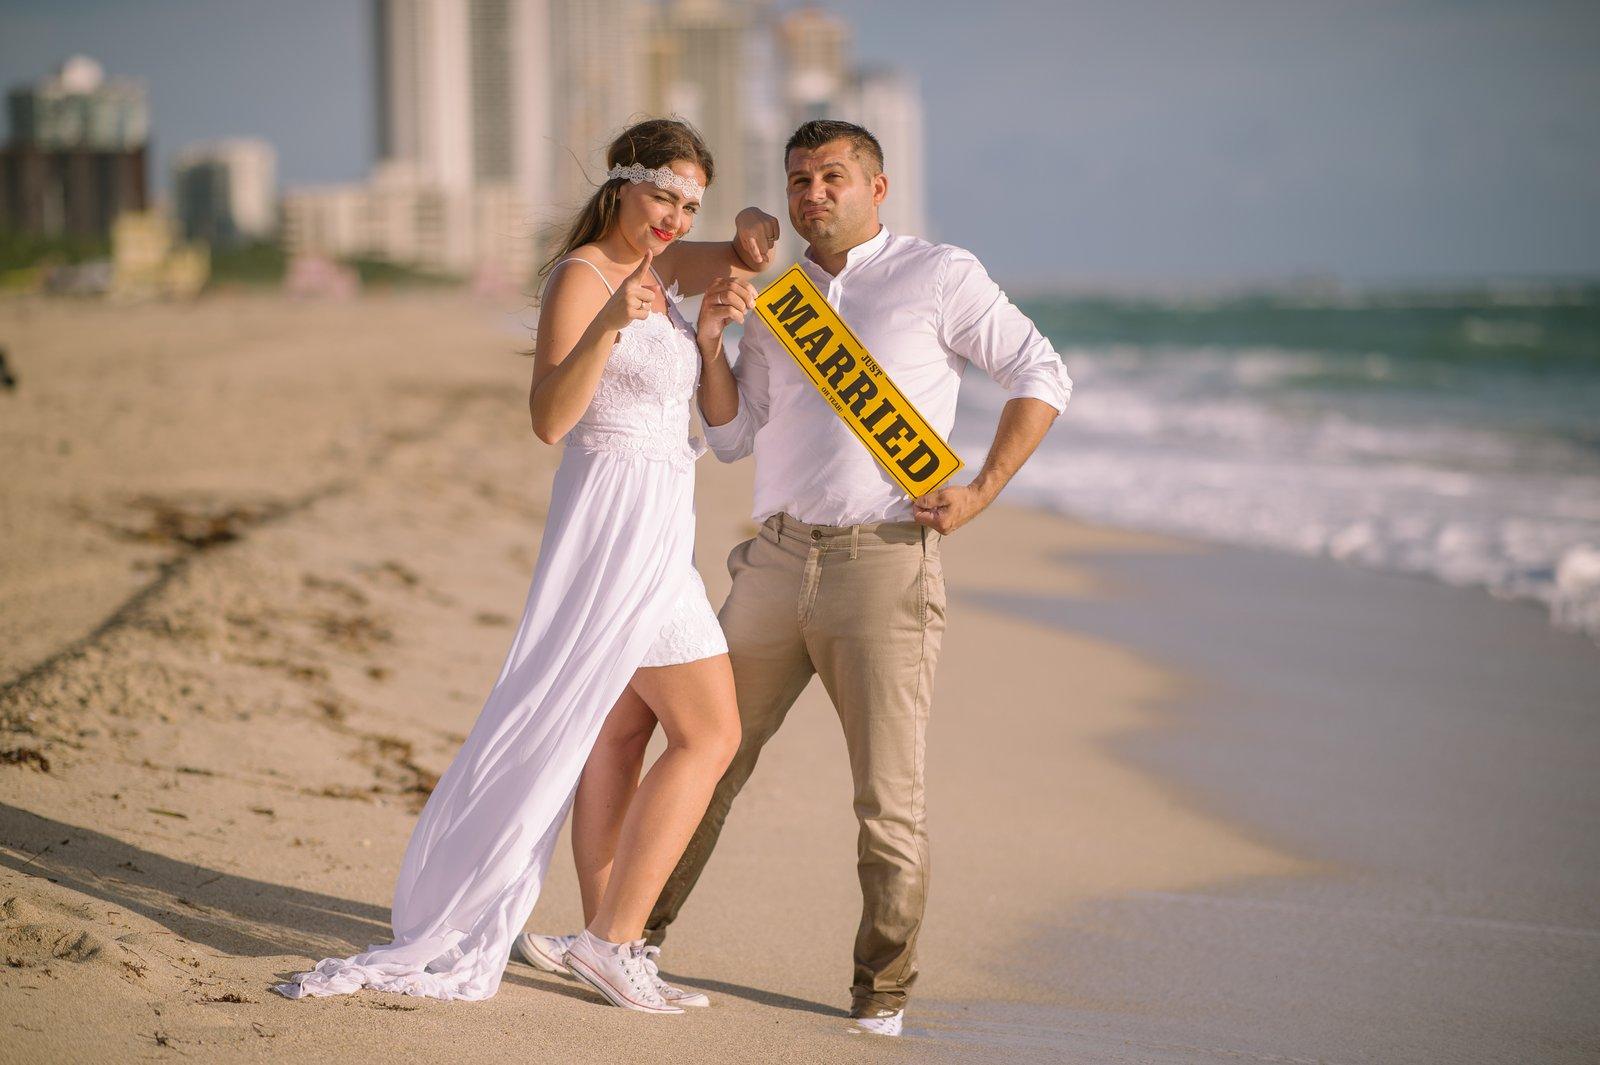 tengerparti eskuvo ruha tengerparti esküvői frizura, férfi tengerparti esküvői ruha, tengerparti esküvői képek, tengerparti esküvőre ruha